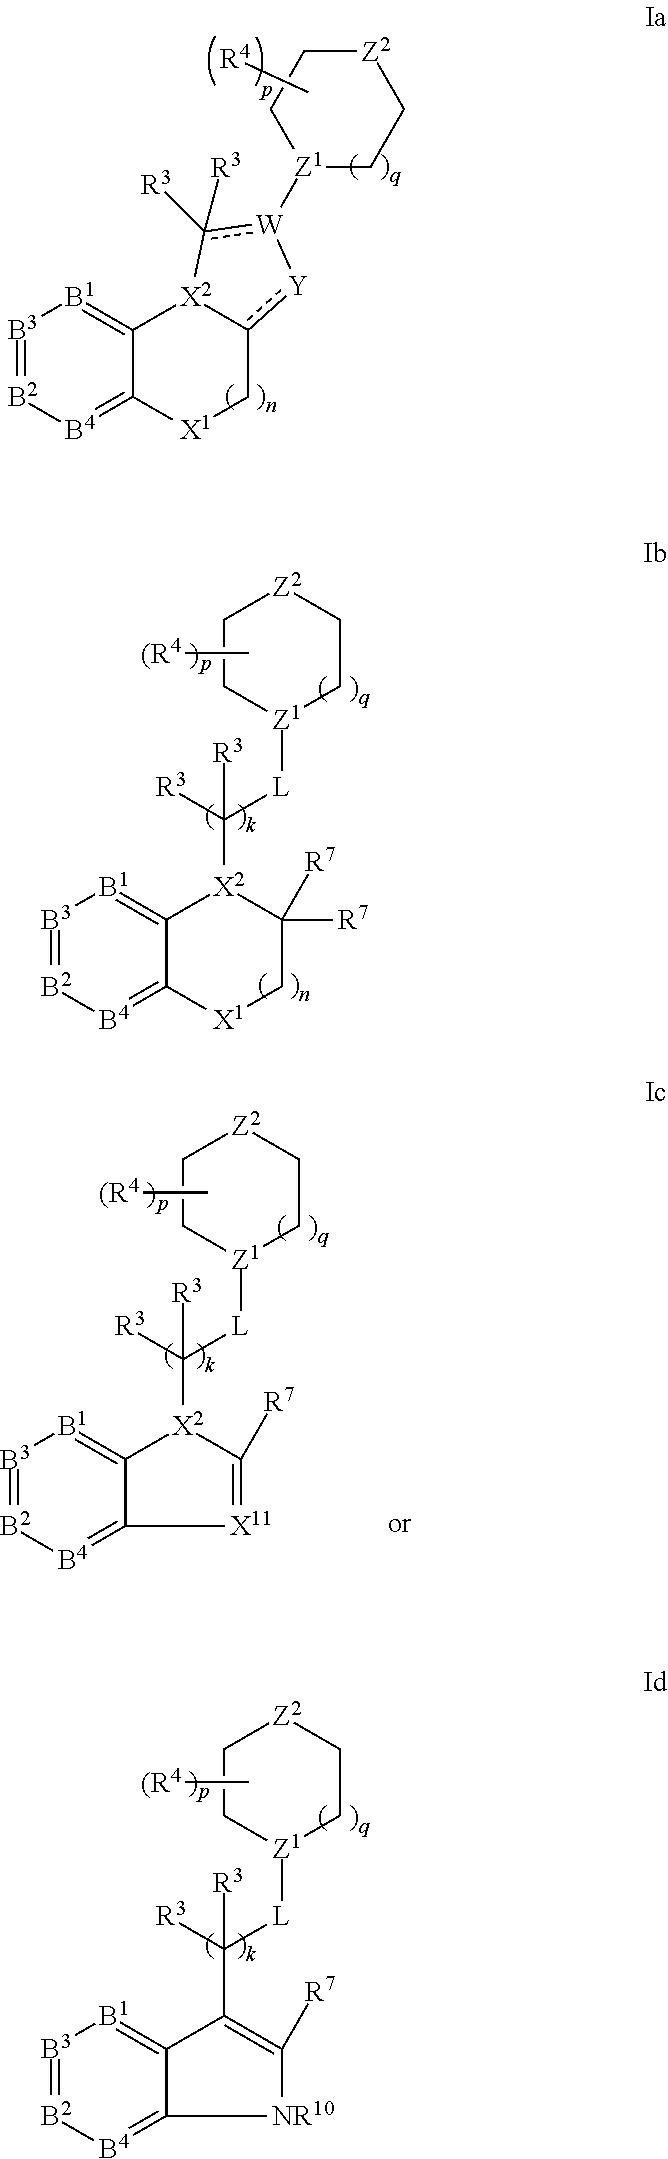 Figure US20190106394A1-20190411-C00001